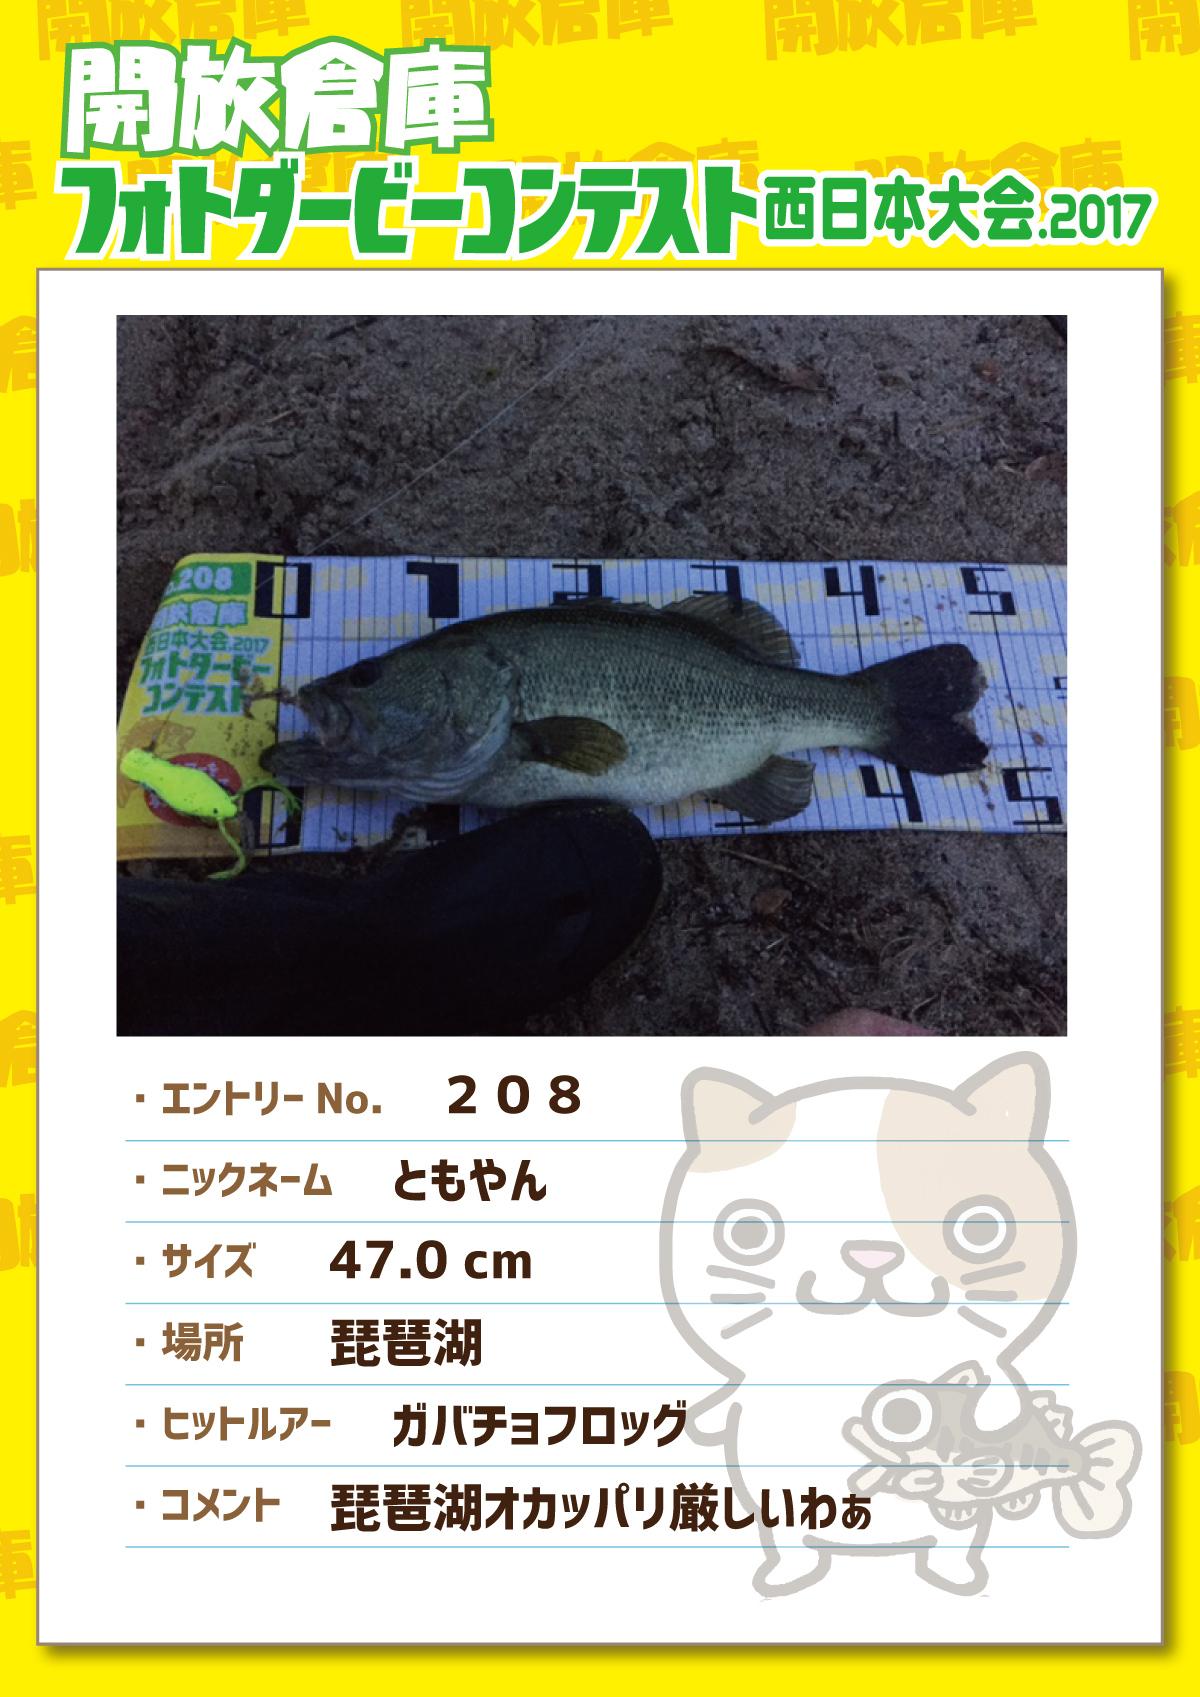 No.208 ともやん 47.0cm 琵琶湖 ガバチョフロッグ 琵琶湖オカッパリ厳しいわぁ